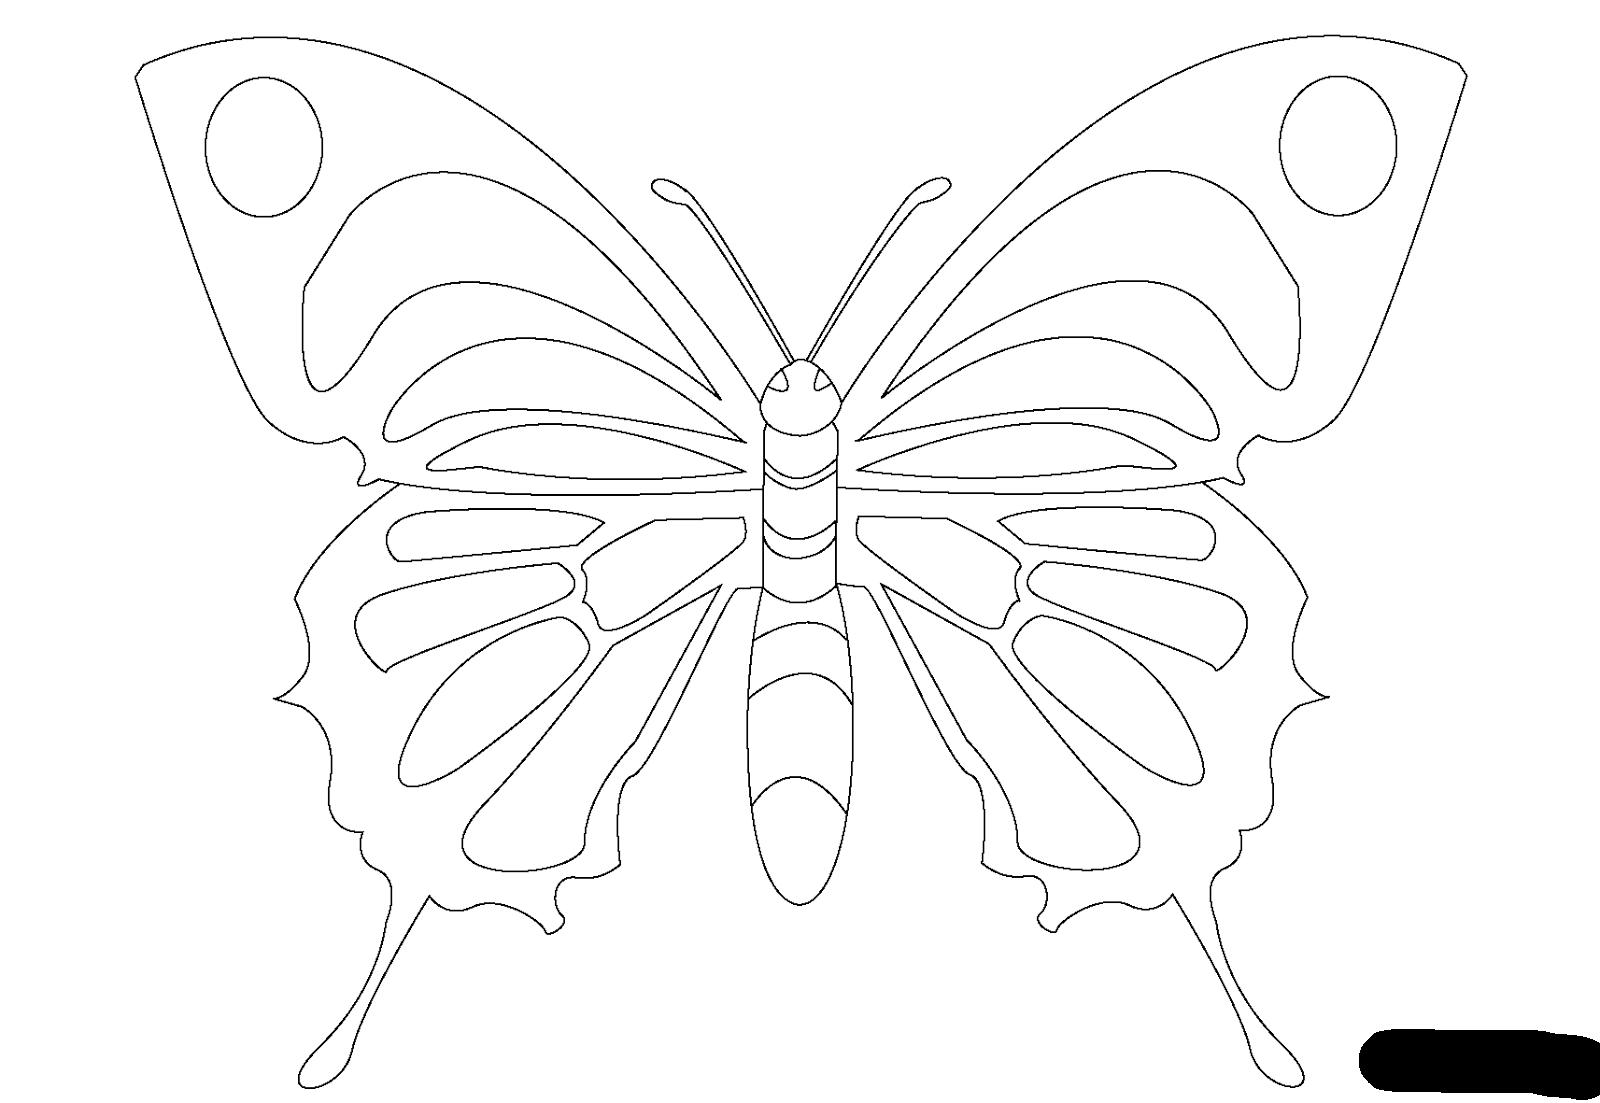 Dibujos para Colorear: Dibujos de Mariposas